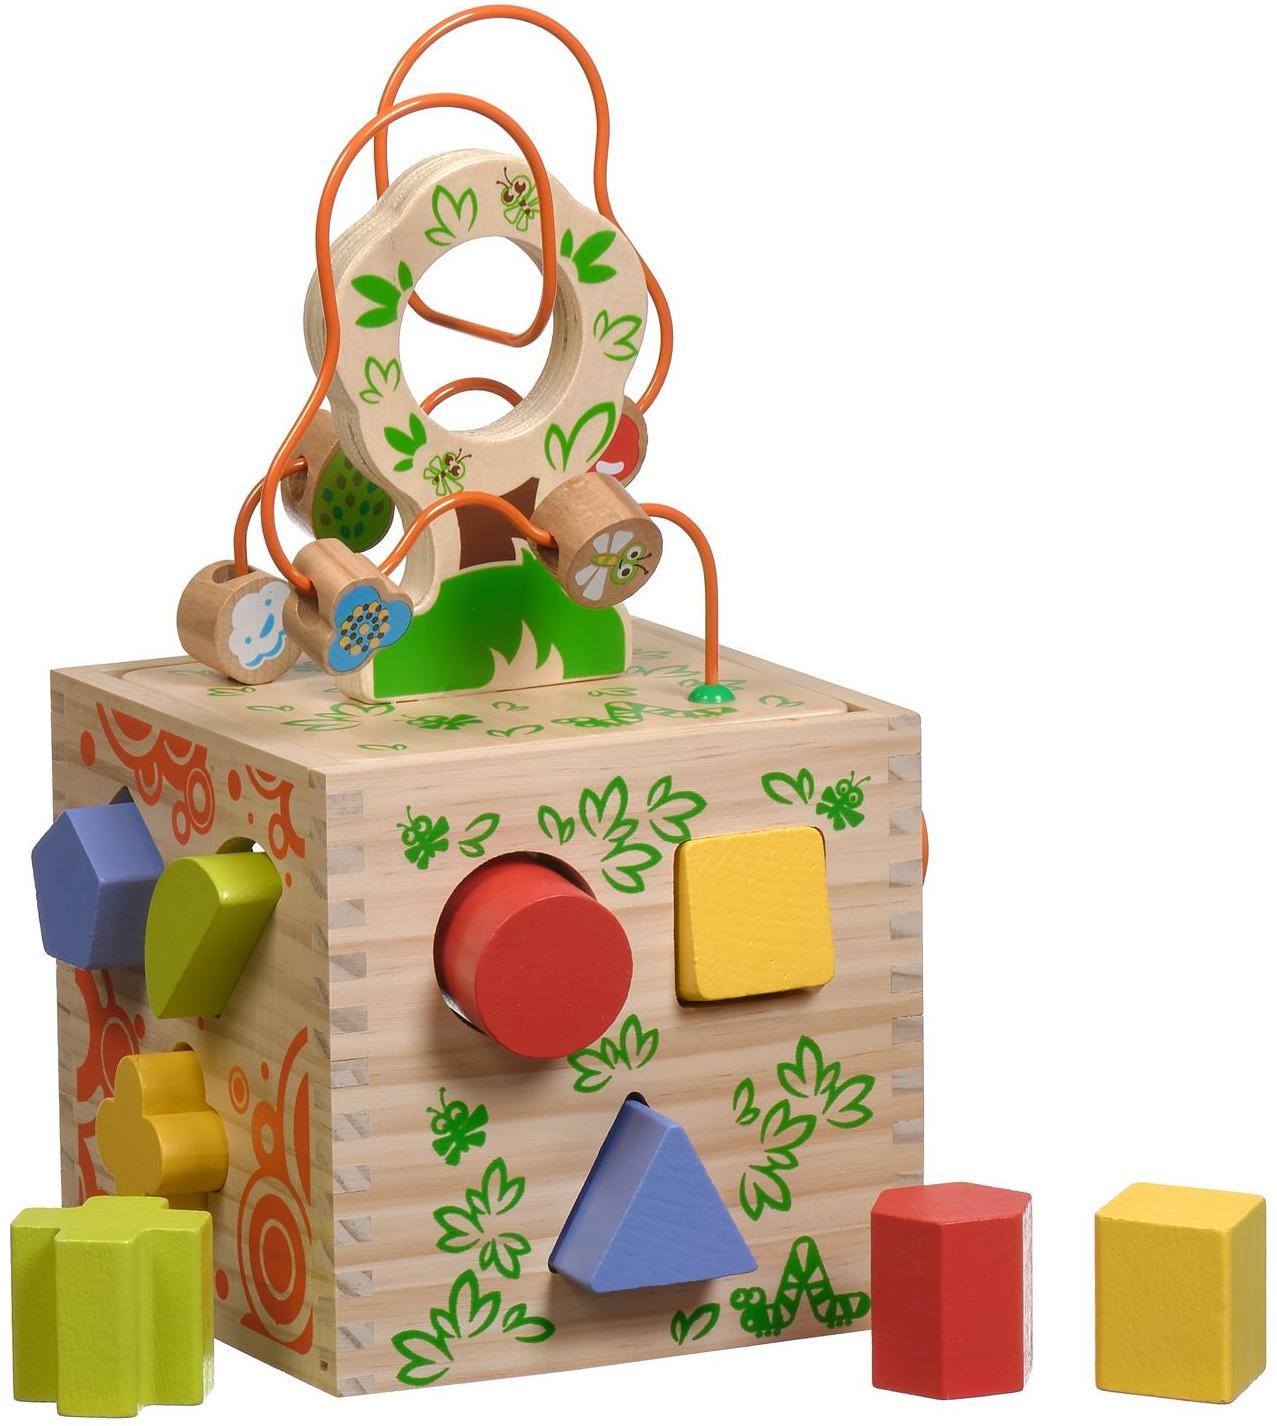 Купить МДИ Логический кубик | Д014 - деревянный сортер-лабиринт, Мир деревянных игрушек, Китай